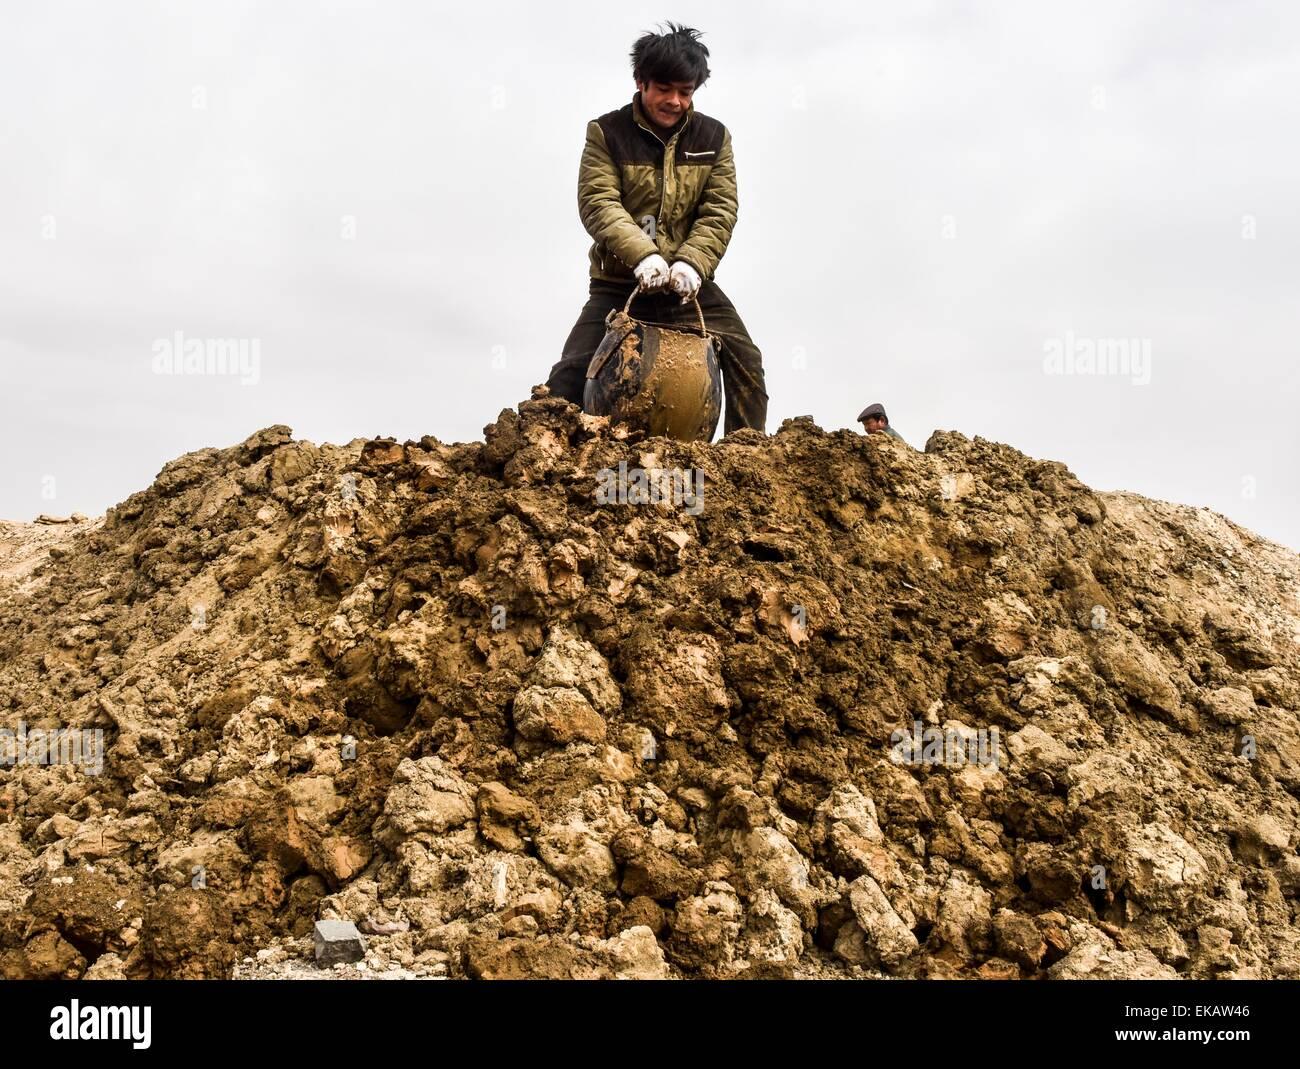 (150409) -- TURPAN, April 9, 2015 (Xinhua) -- Dredging worker Turxun Abdul dumps a 40-kilogram-weight barrel of - Stock Image